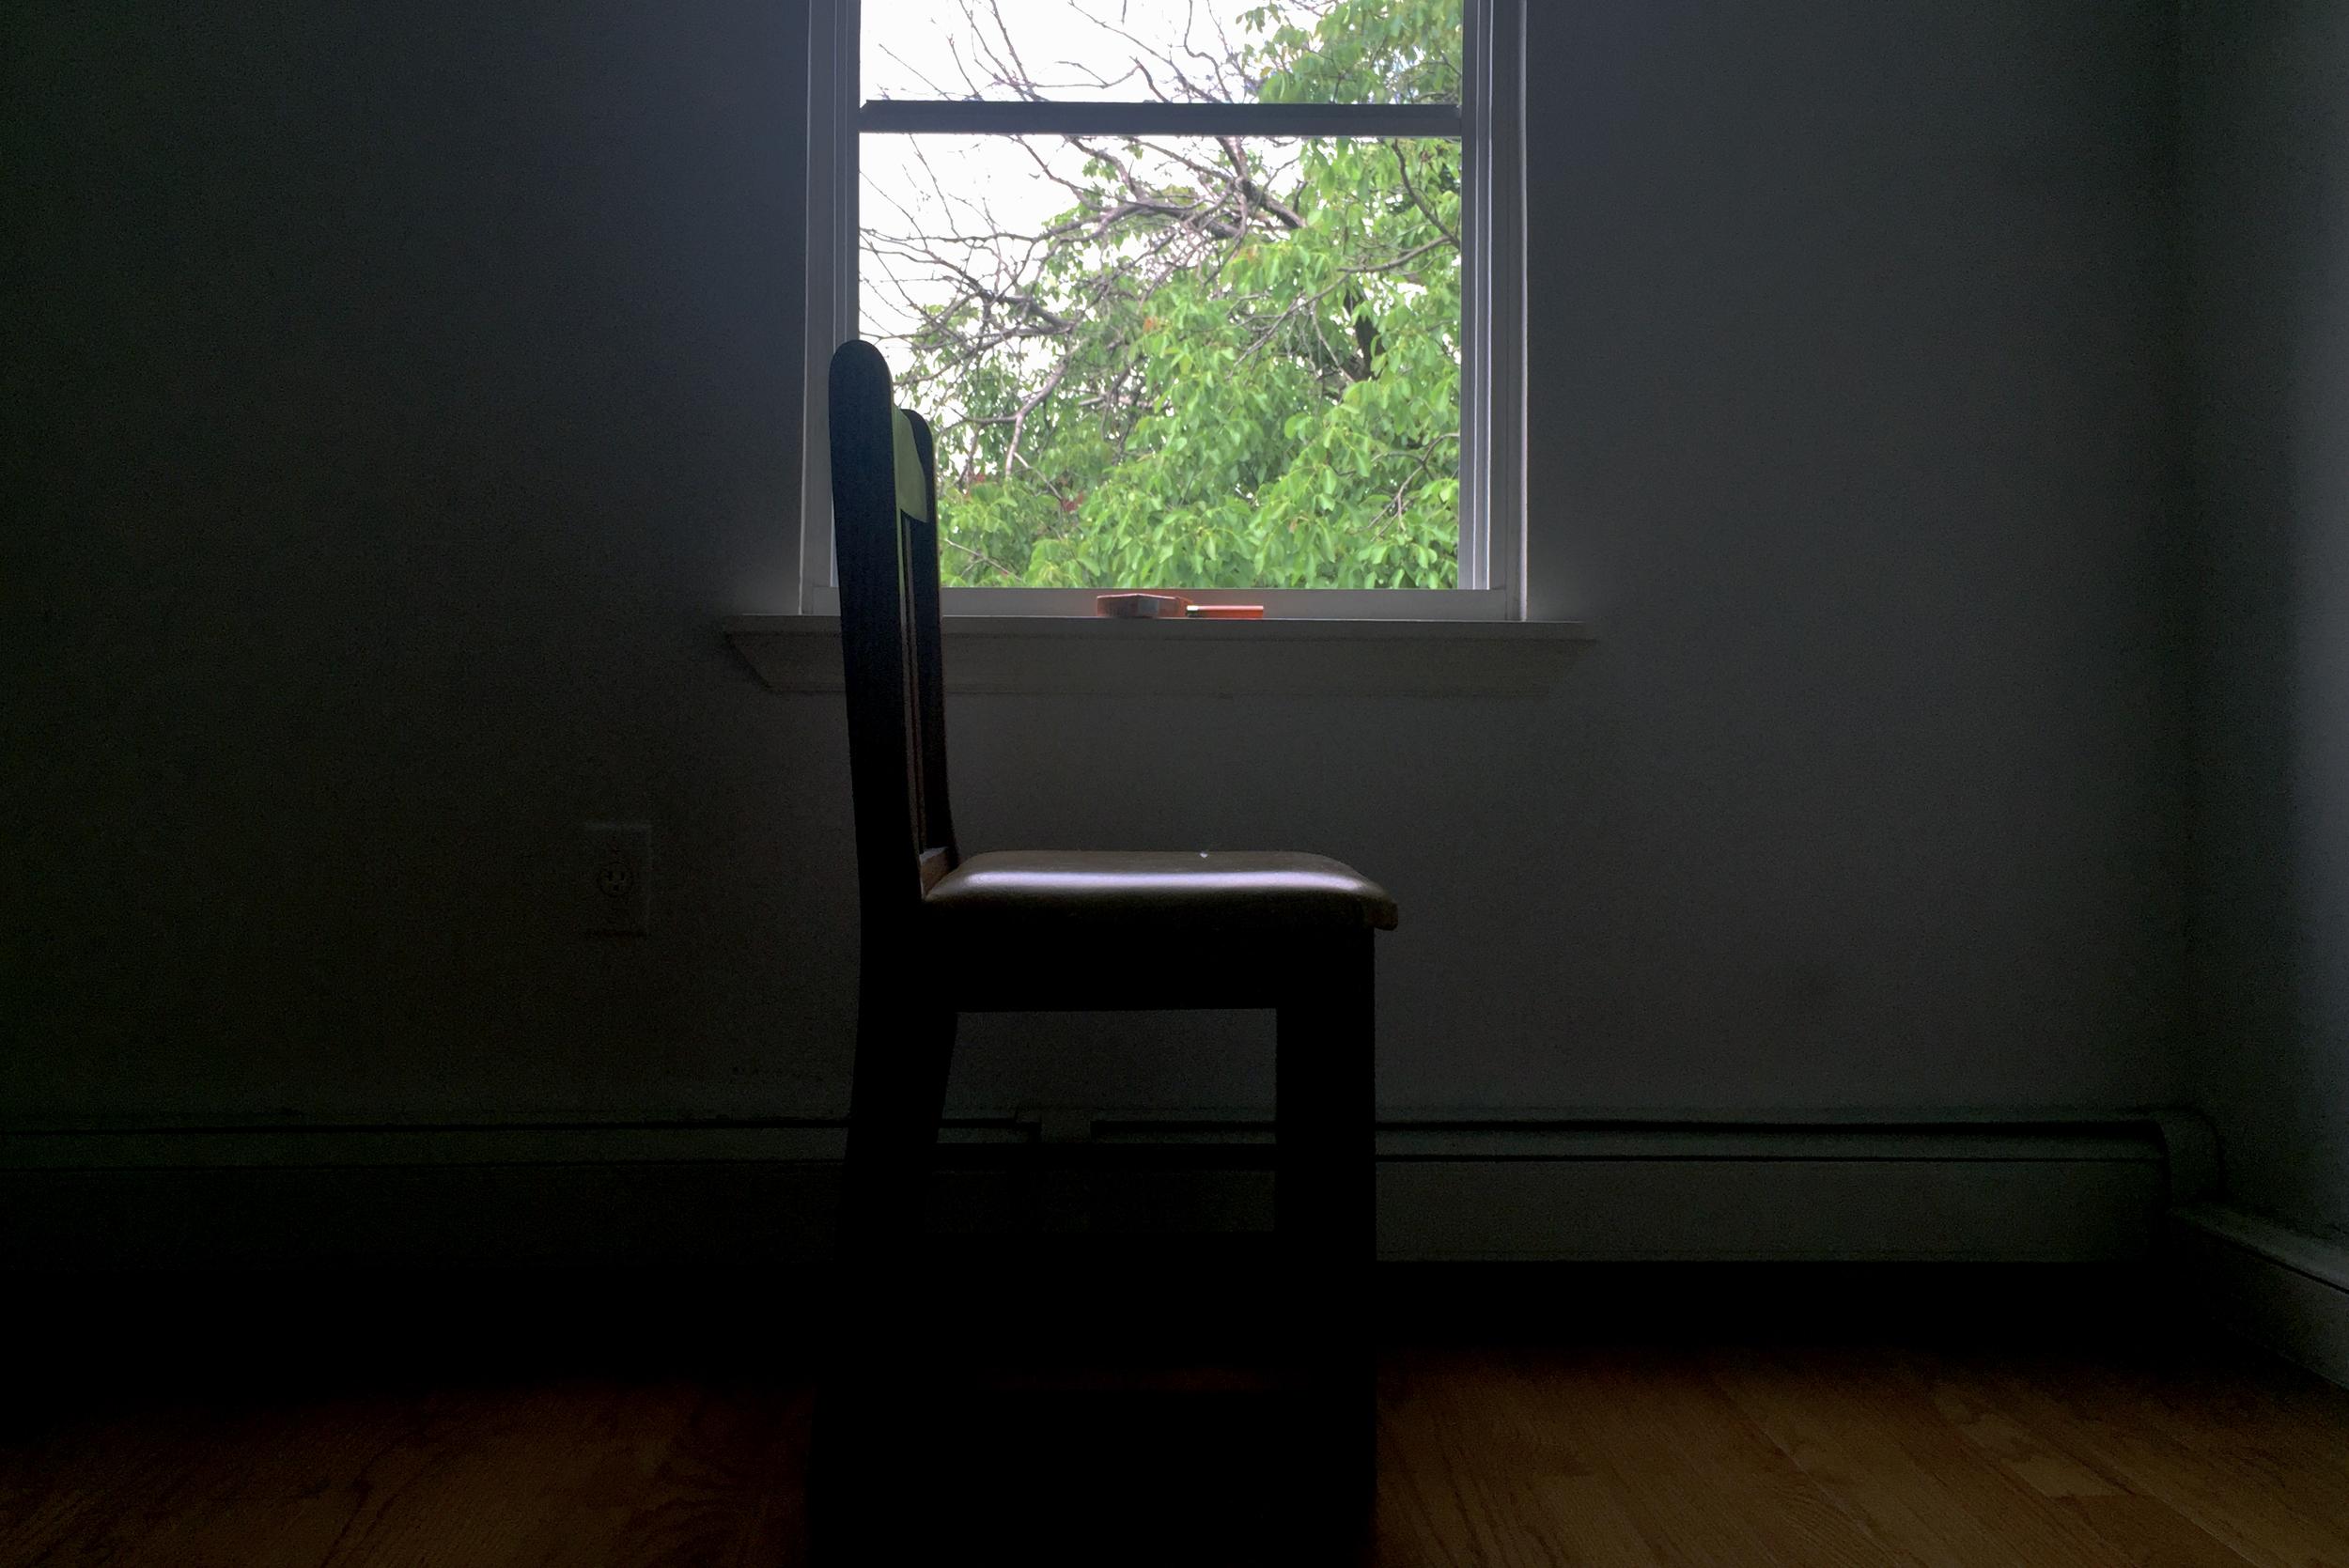 ニューヨークに来て以来お世話になっていたクイーンズのアパート、引越し直前。